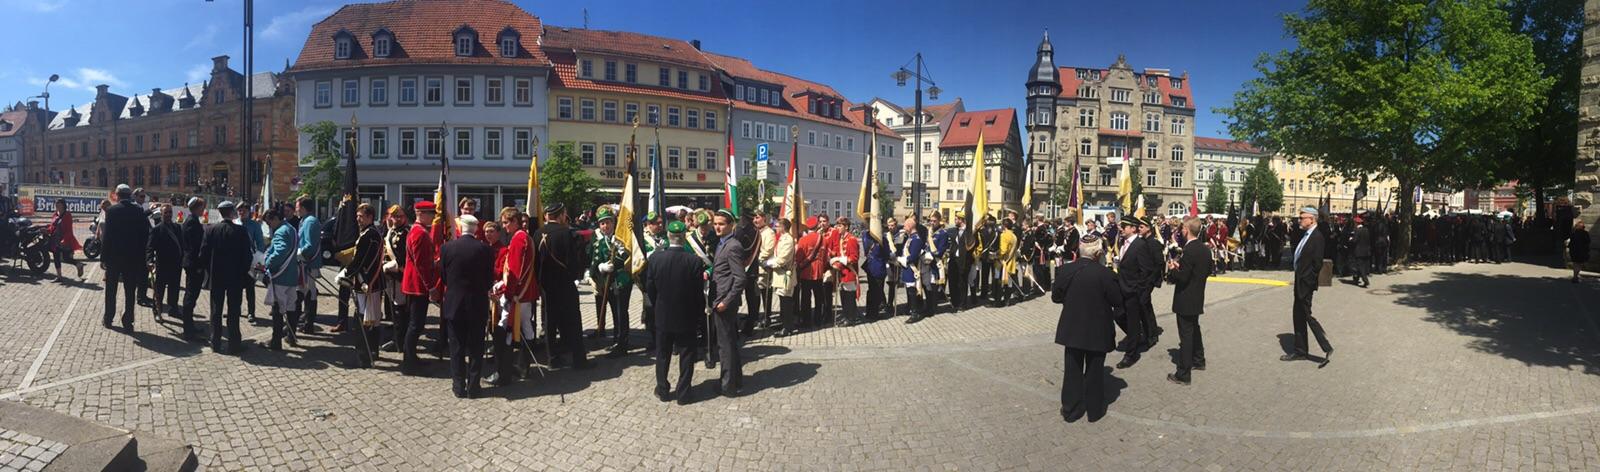 175 Jahre Wingolfsbund